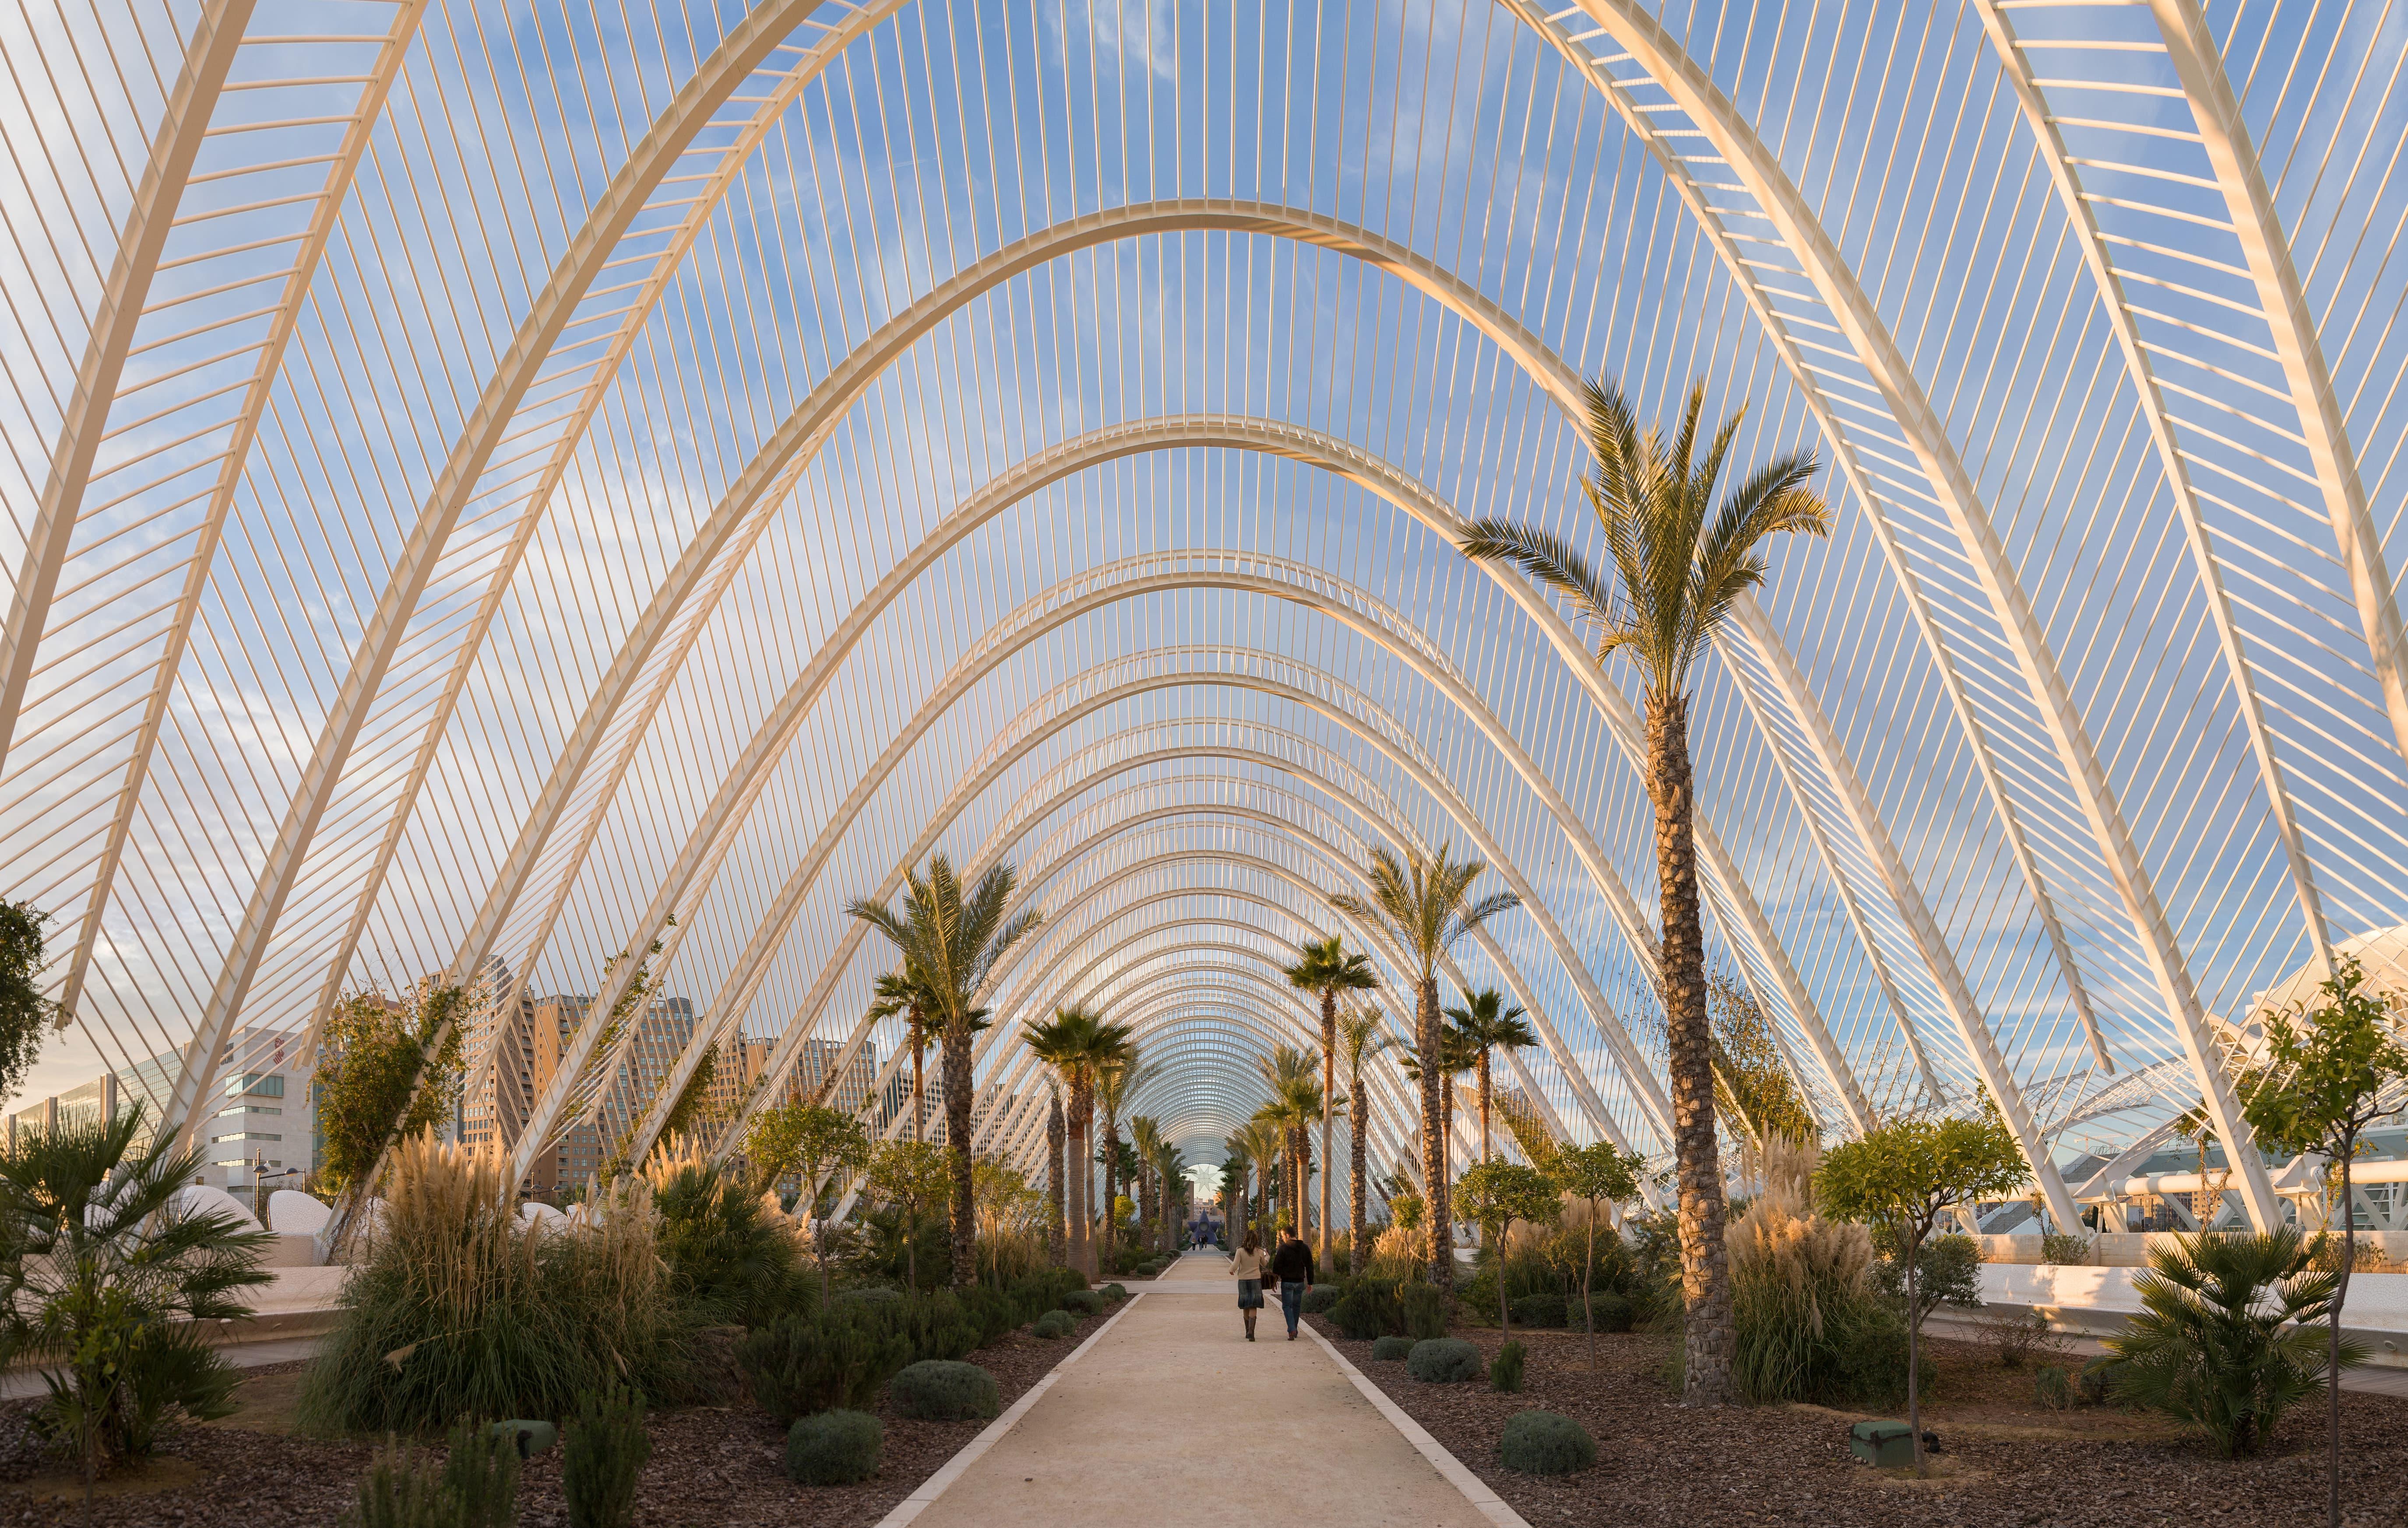 L'Umbracle в Валенсии